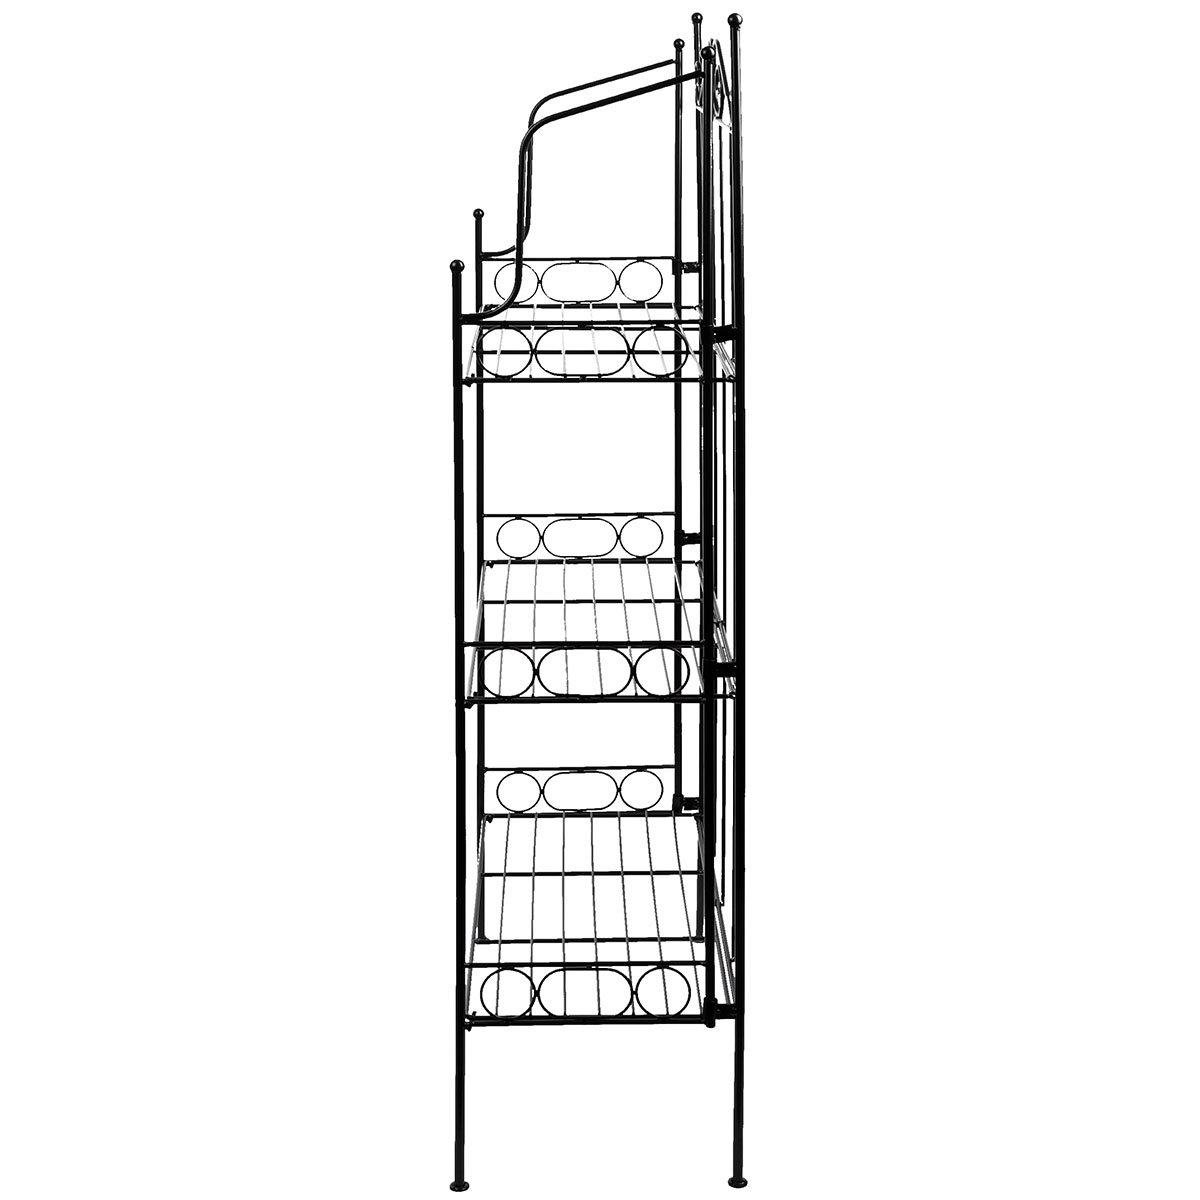 Metallregal Etagere mit 3 Böden, faltbar, ca. 109x55x25 cm | #6